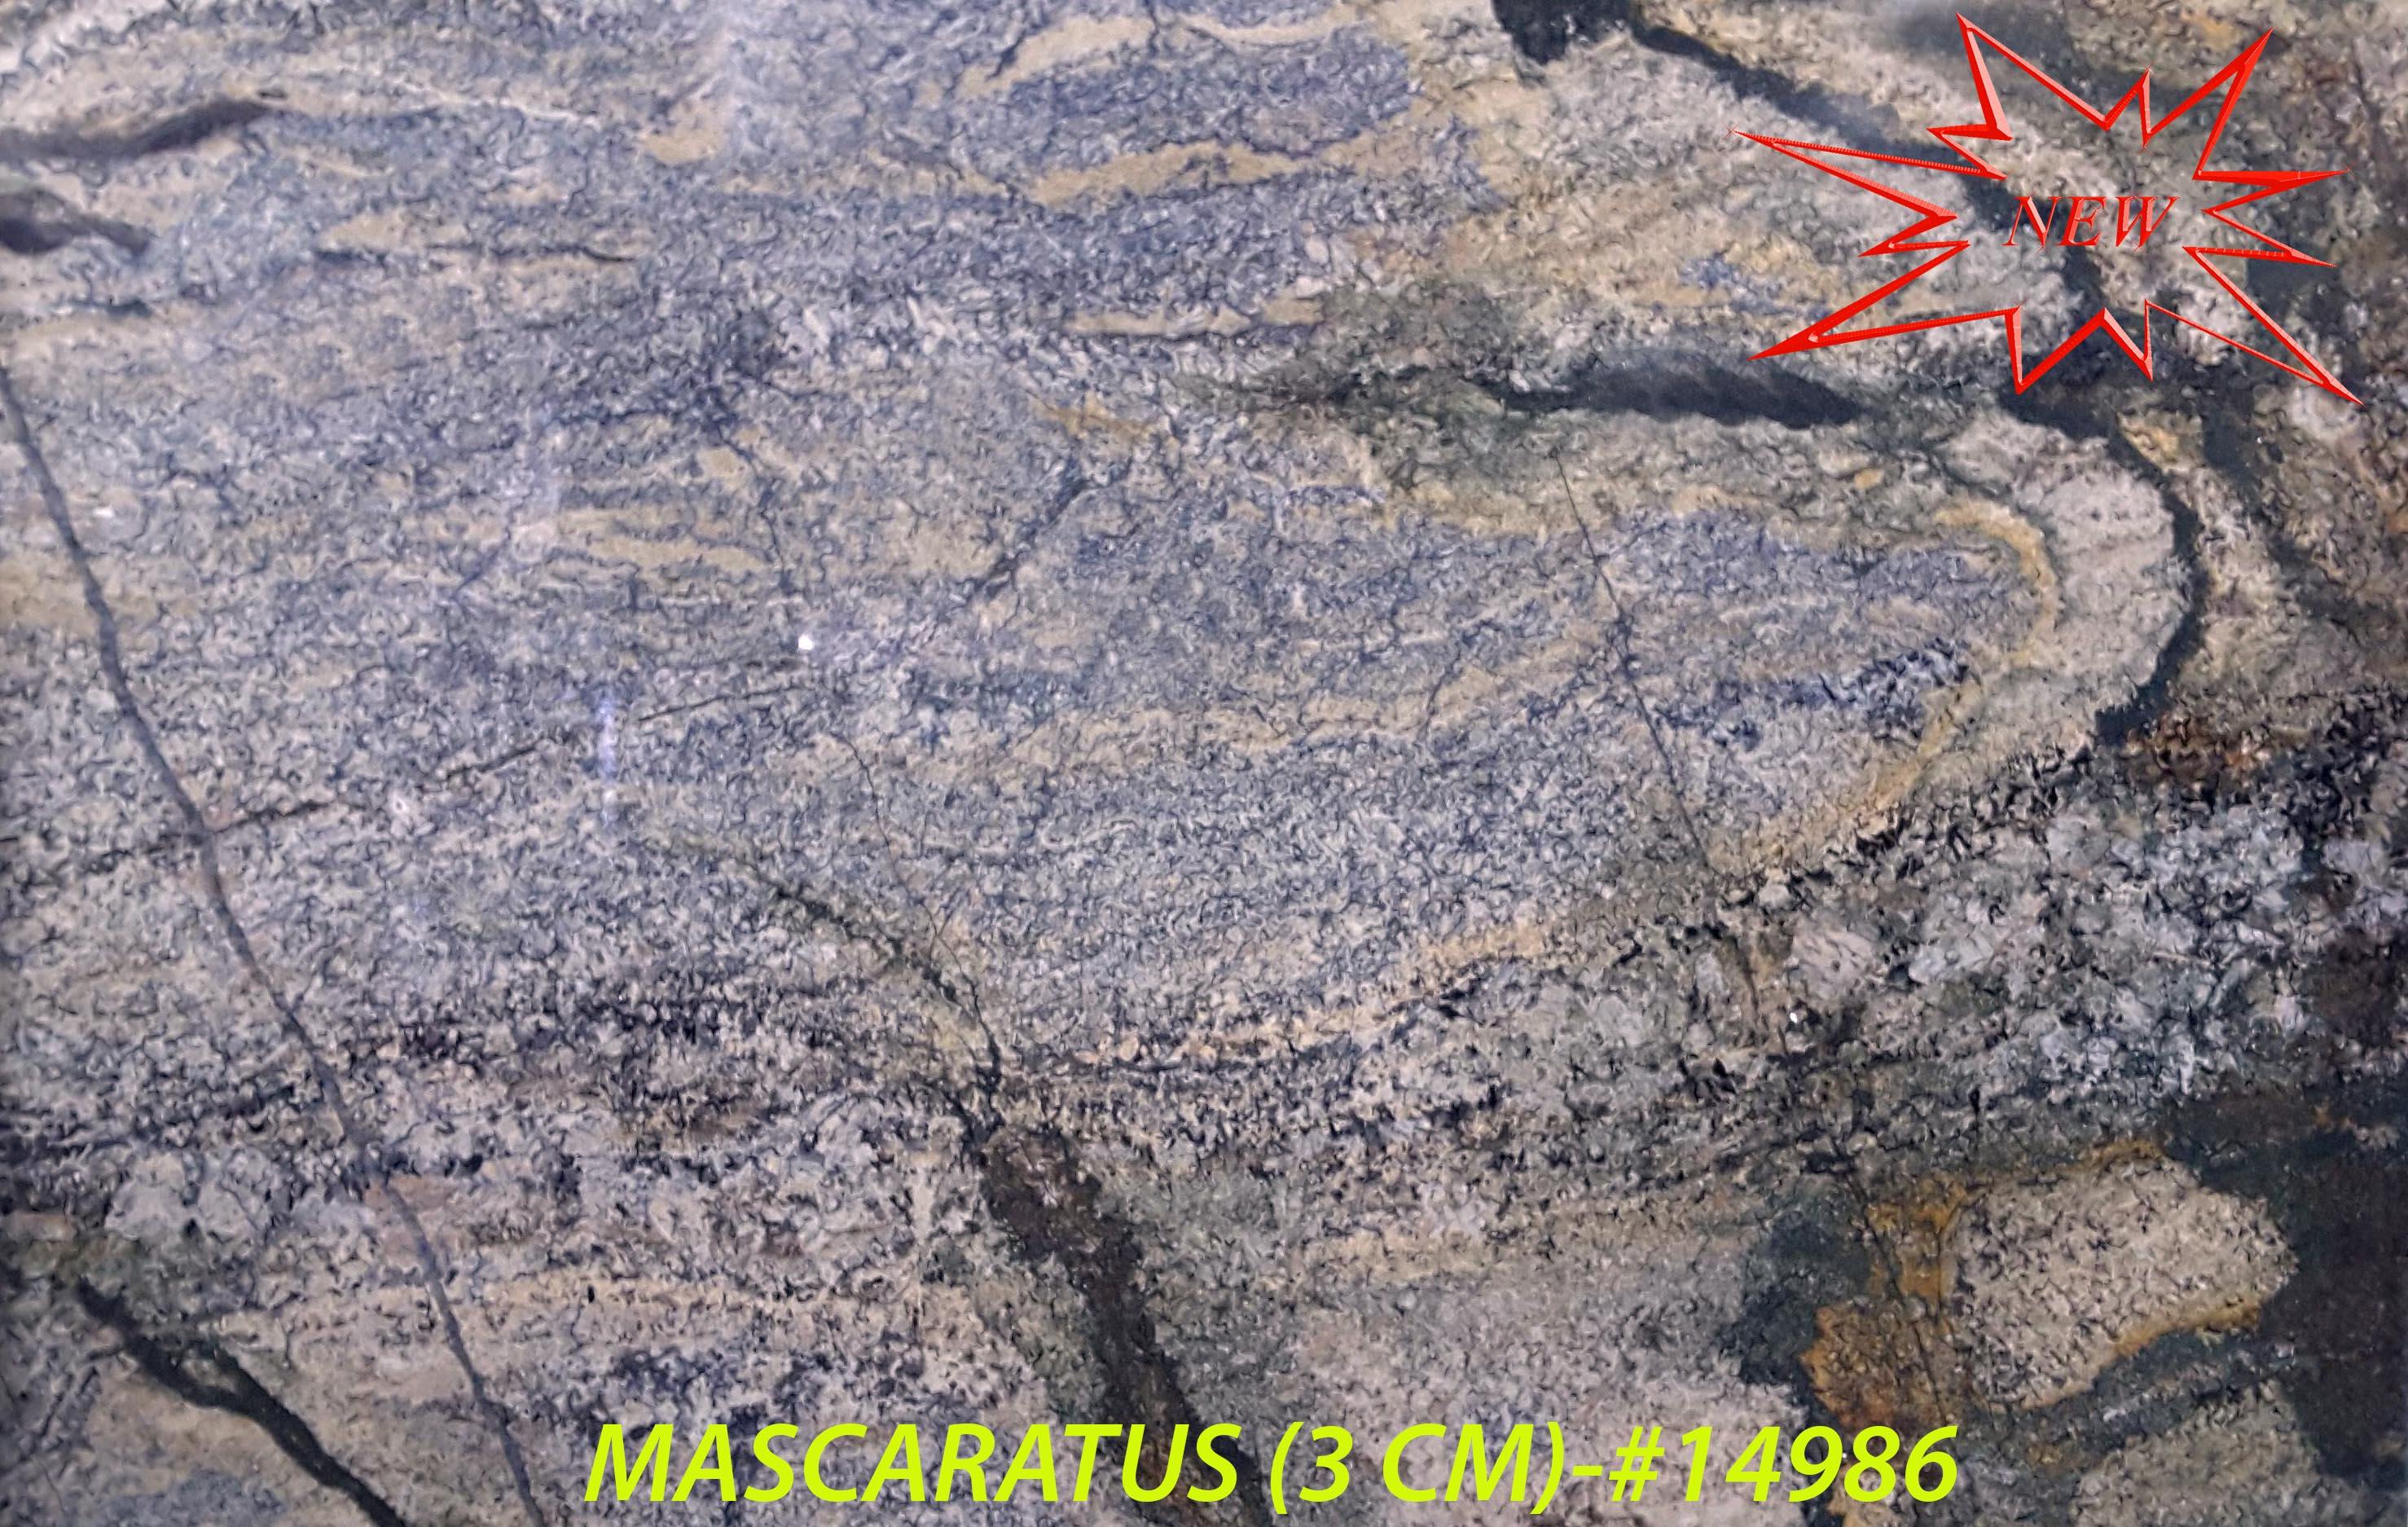 MASCARATUS (3 CM)-#14986-RED